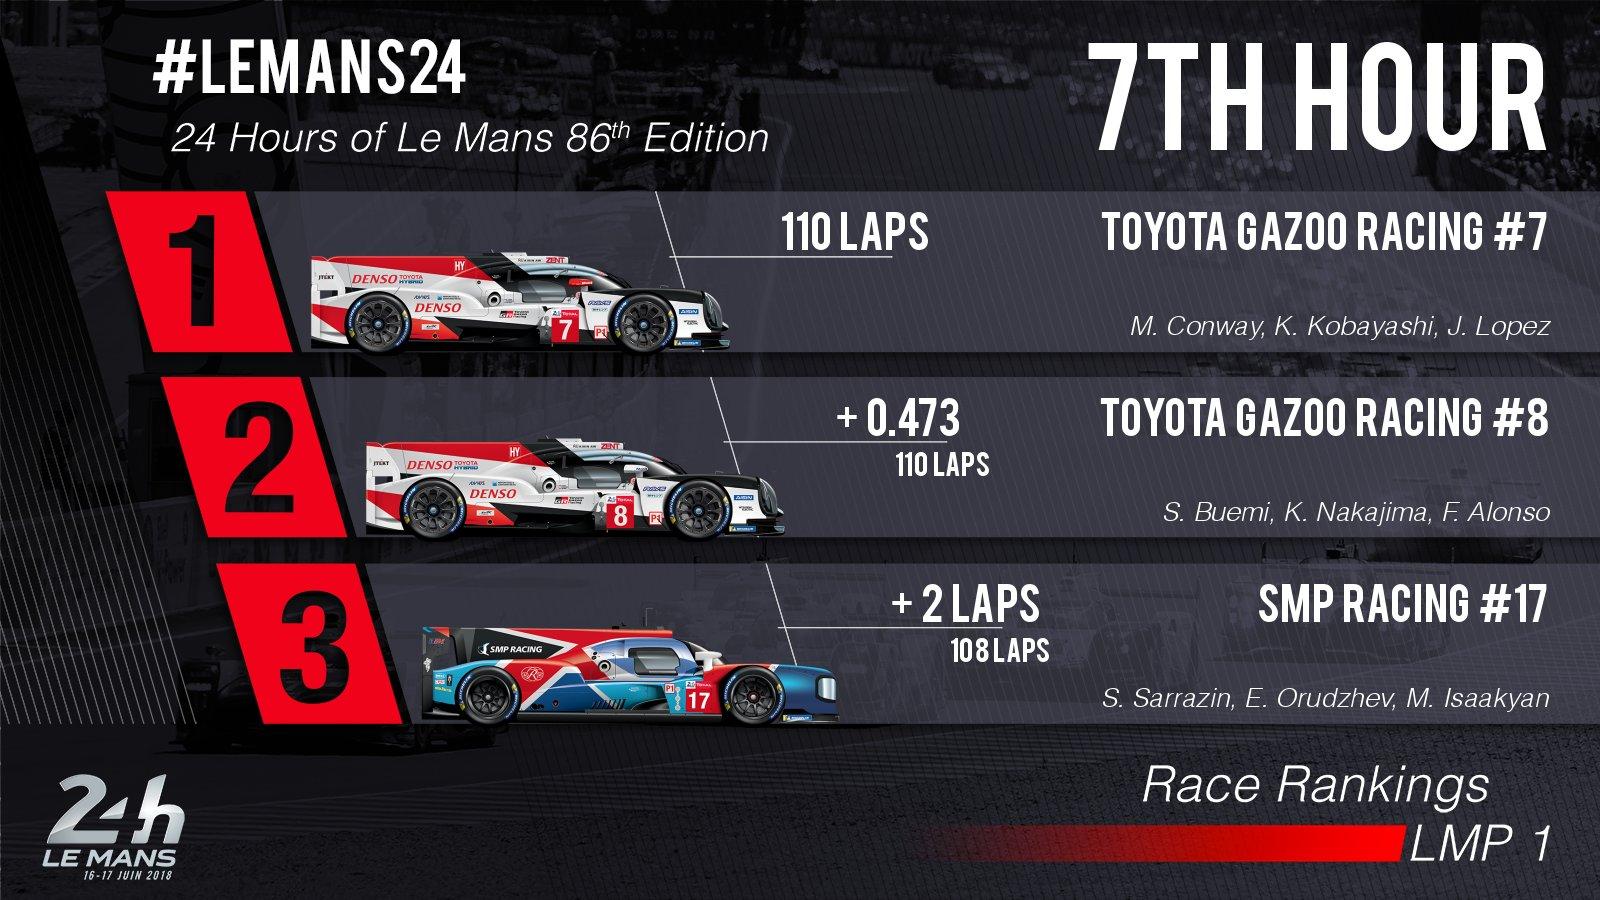 24 Horas de Le Mans 2018 - Página 3 Df1pNCkW4AIUKUl